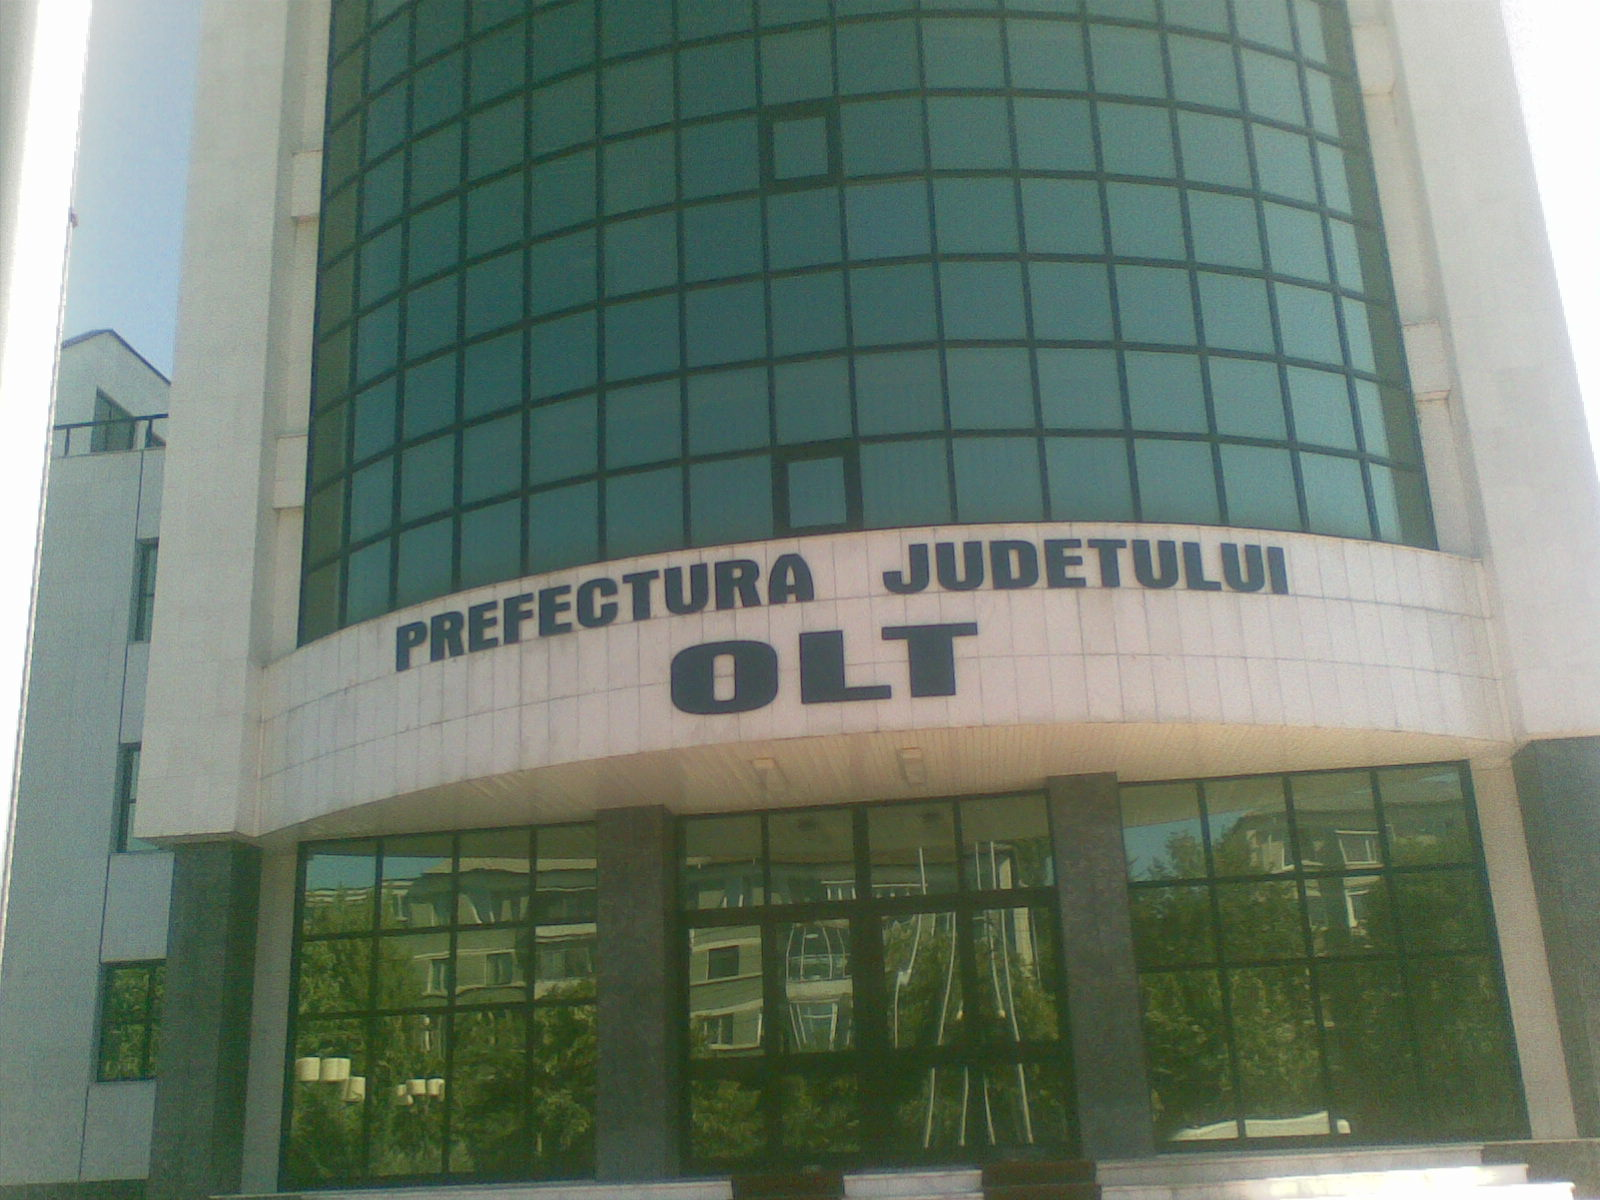 Fişier:Prefectura Judetului Olt.jpg